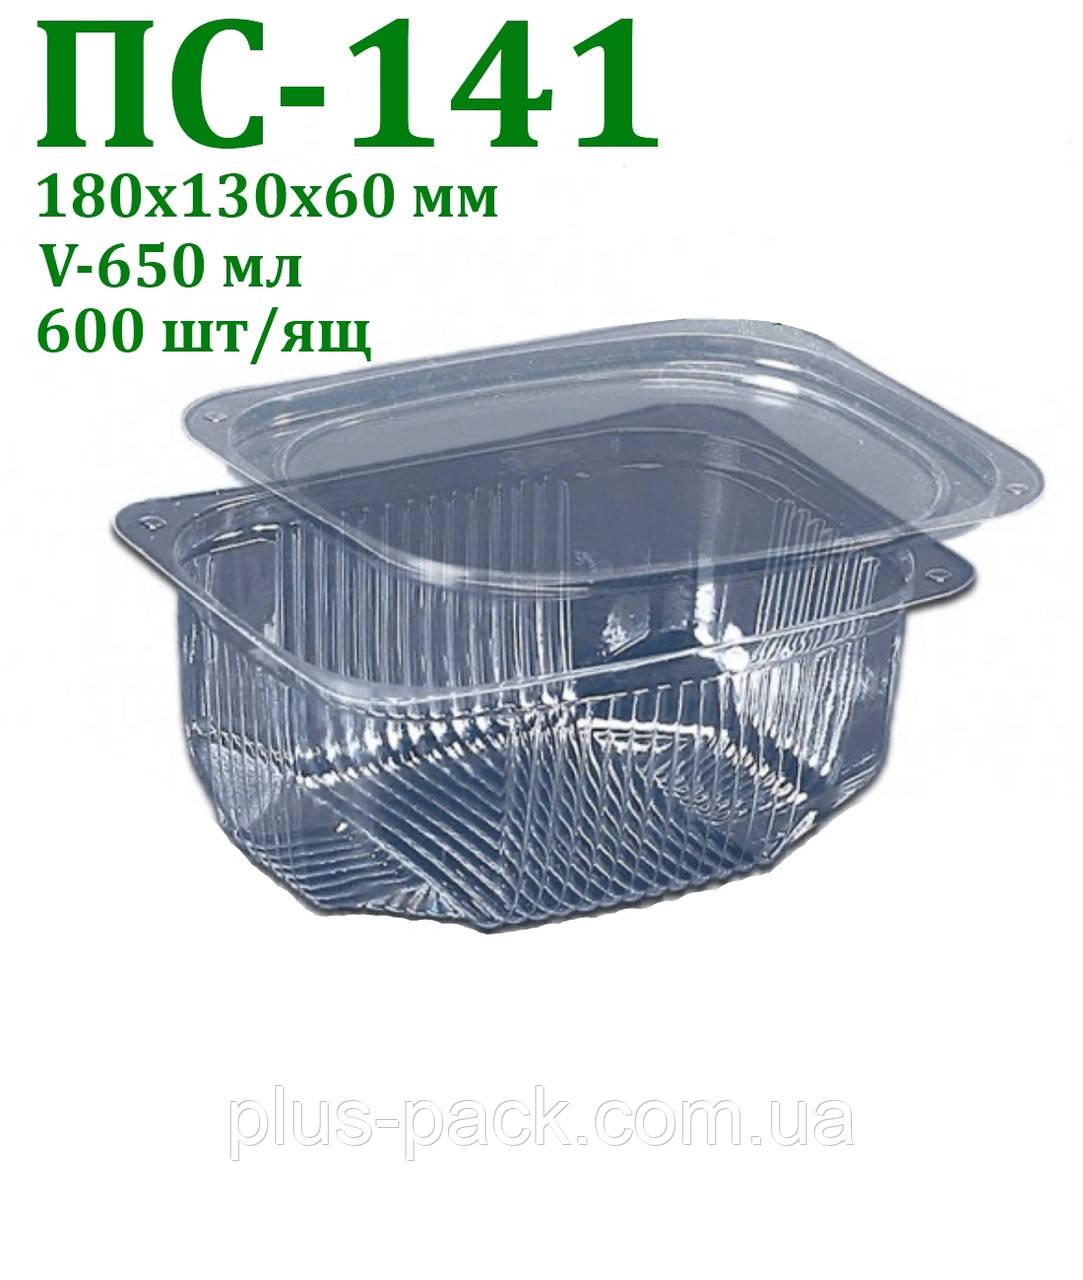 Блістерна одноразова упаковка для салатів і напівфабрикатів ПС-141 (600 мл) 600шт/ящ